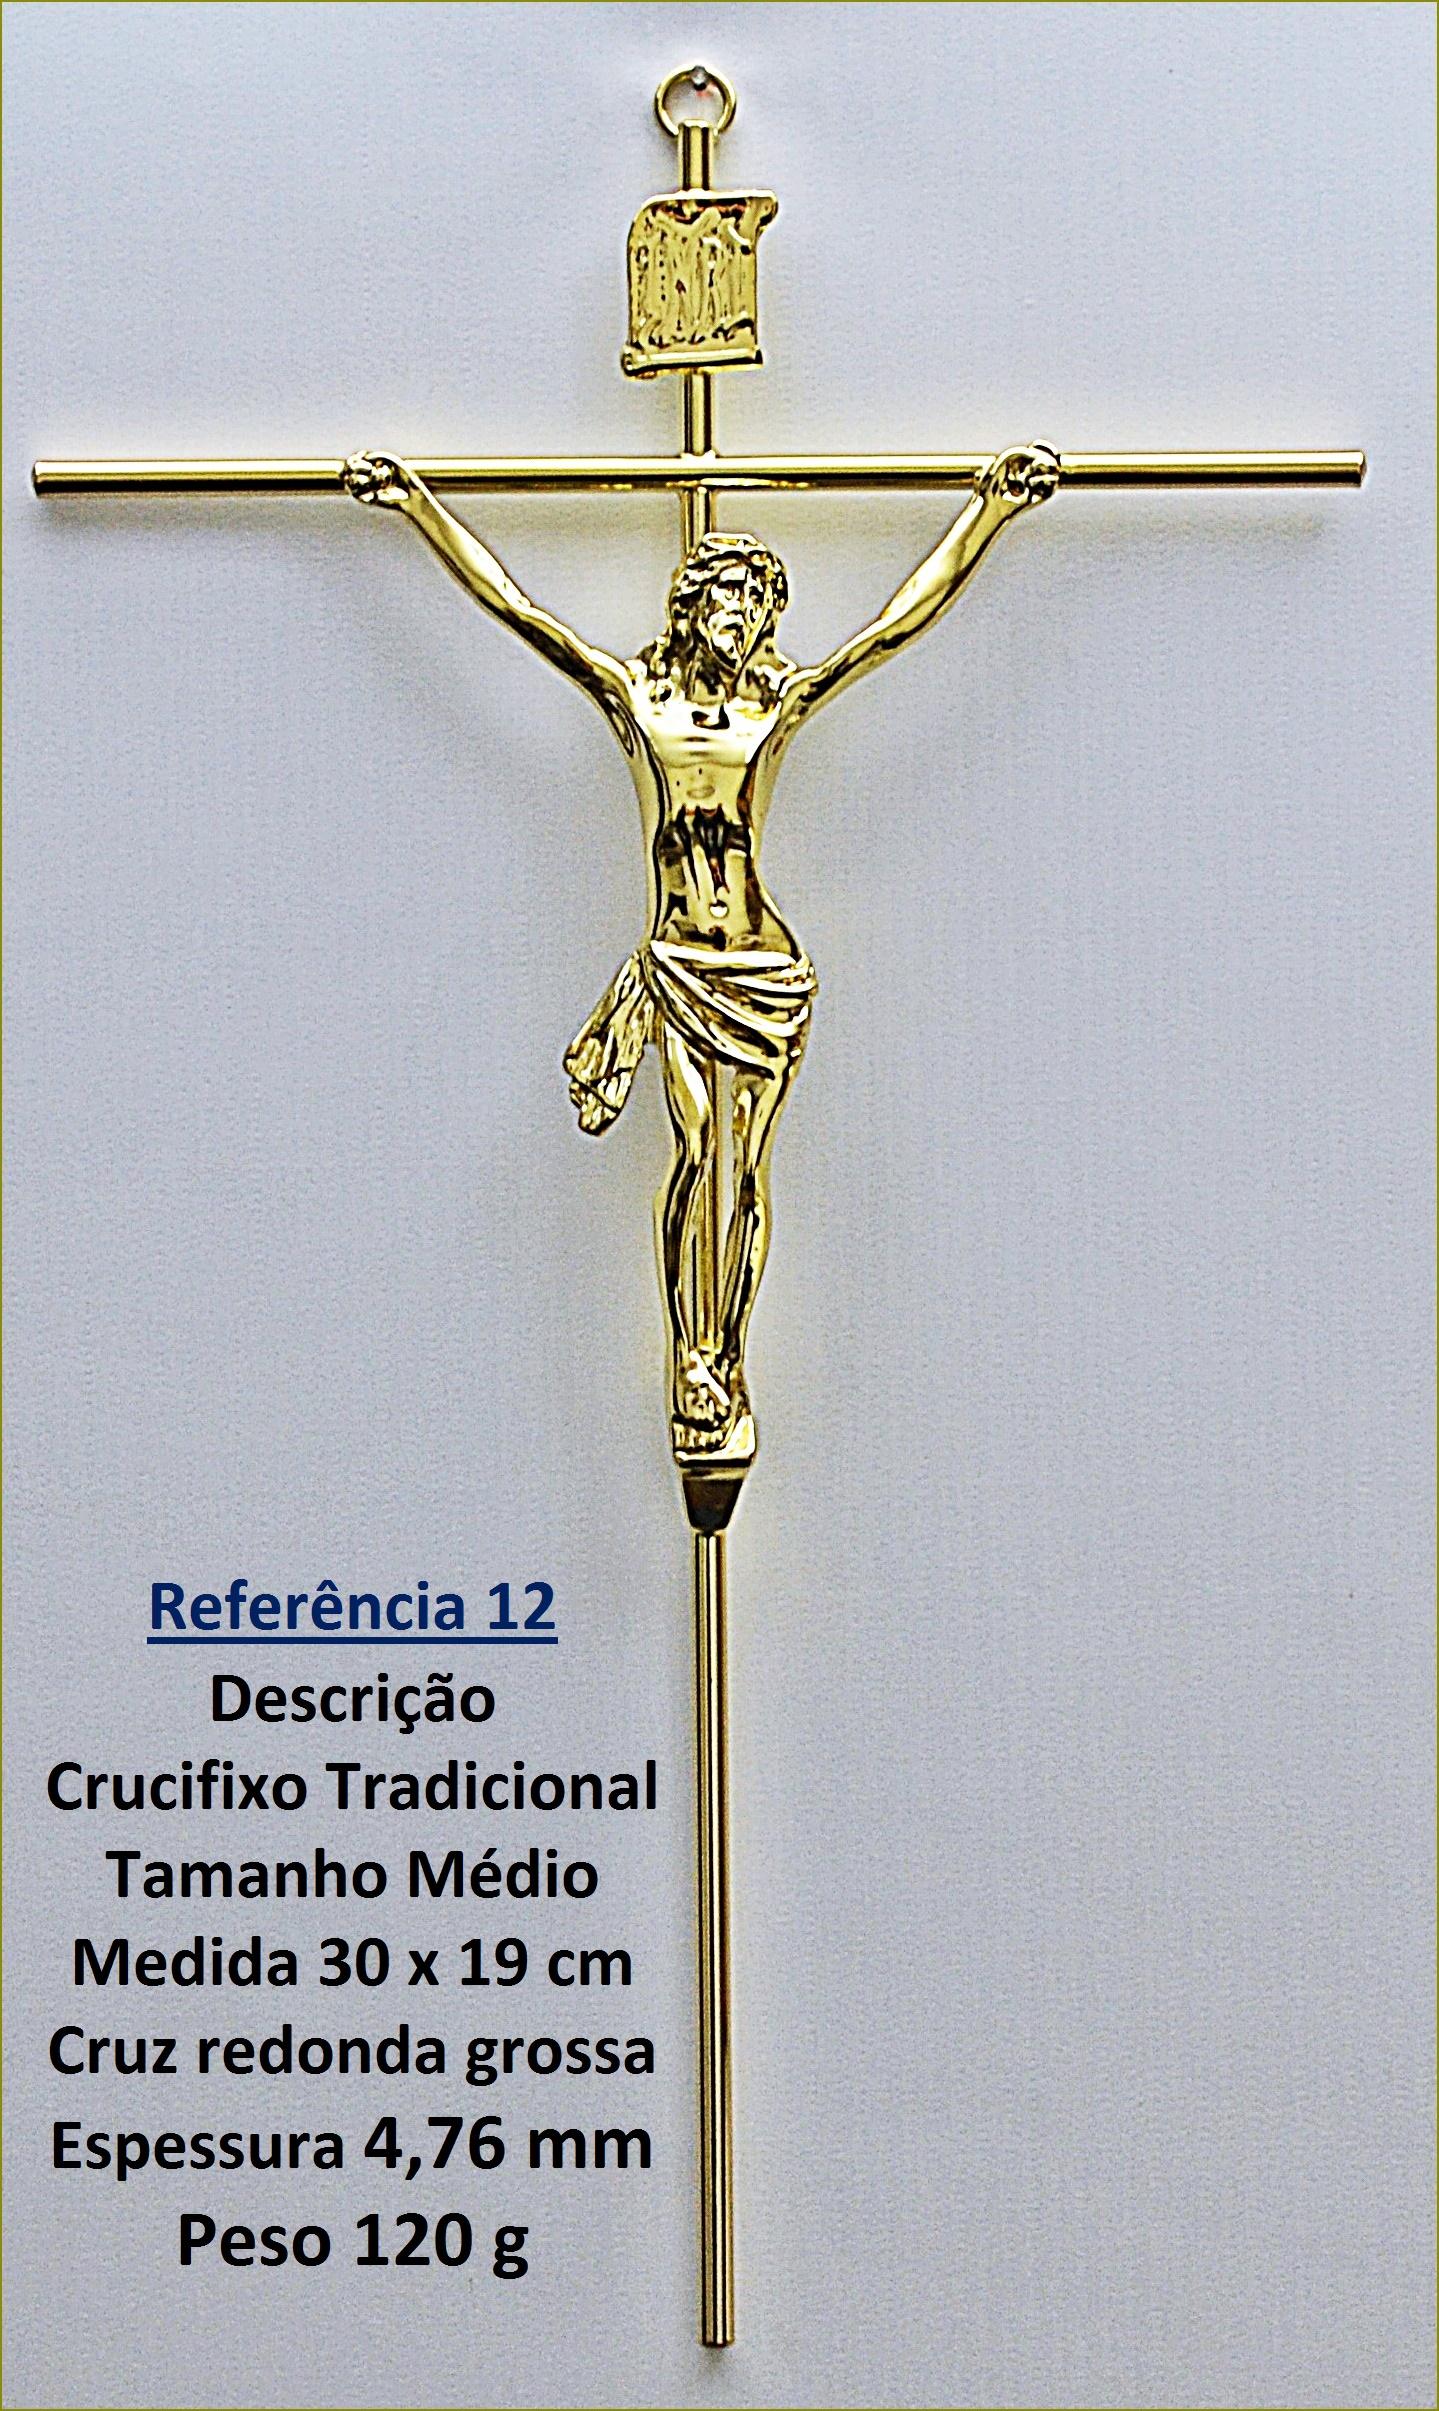 Crucifixo Tradicional Parede Jesus Ref12 no Elo7   ROMA CrRUCIFIXOS (615531) d8b73d845d